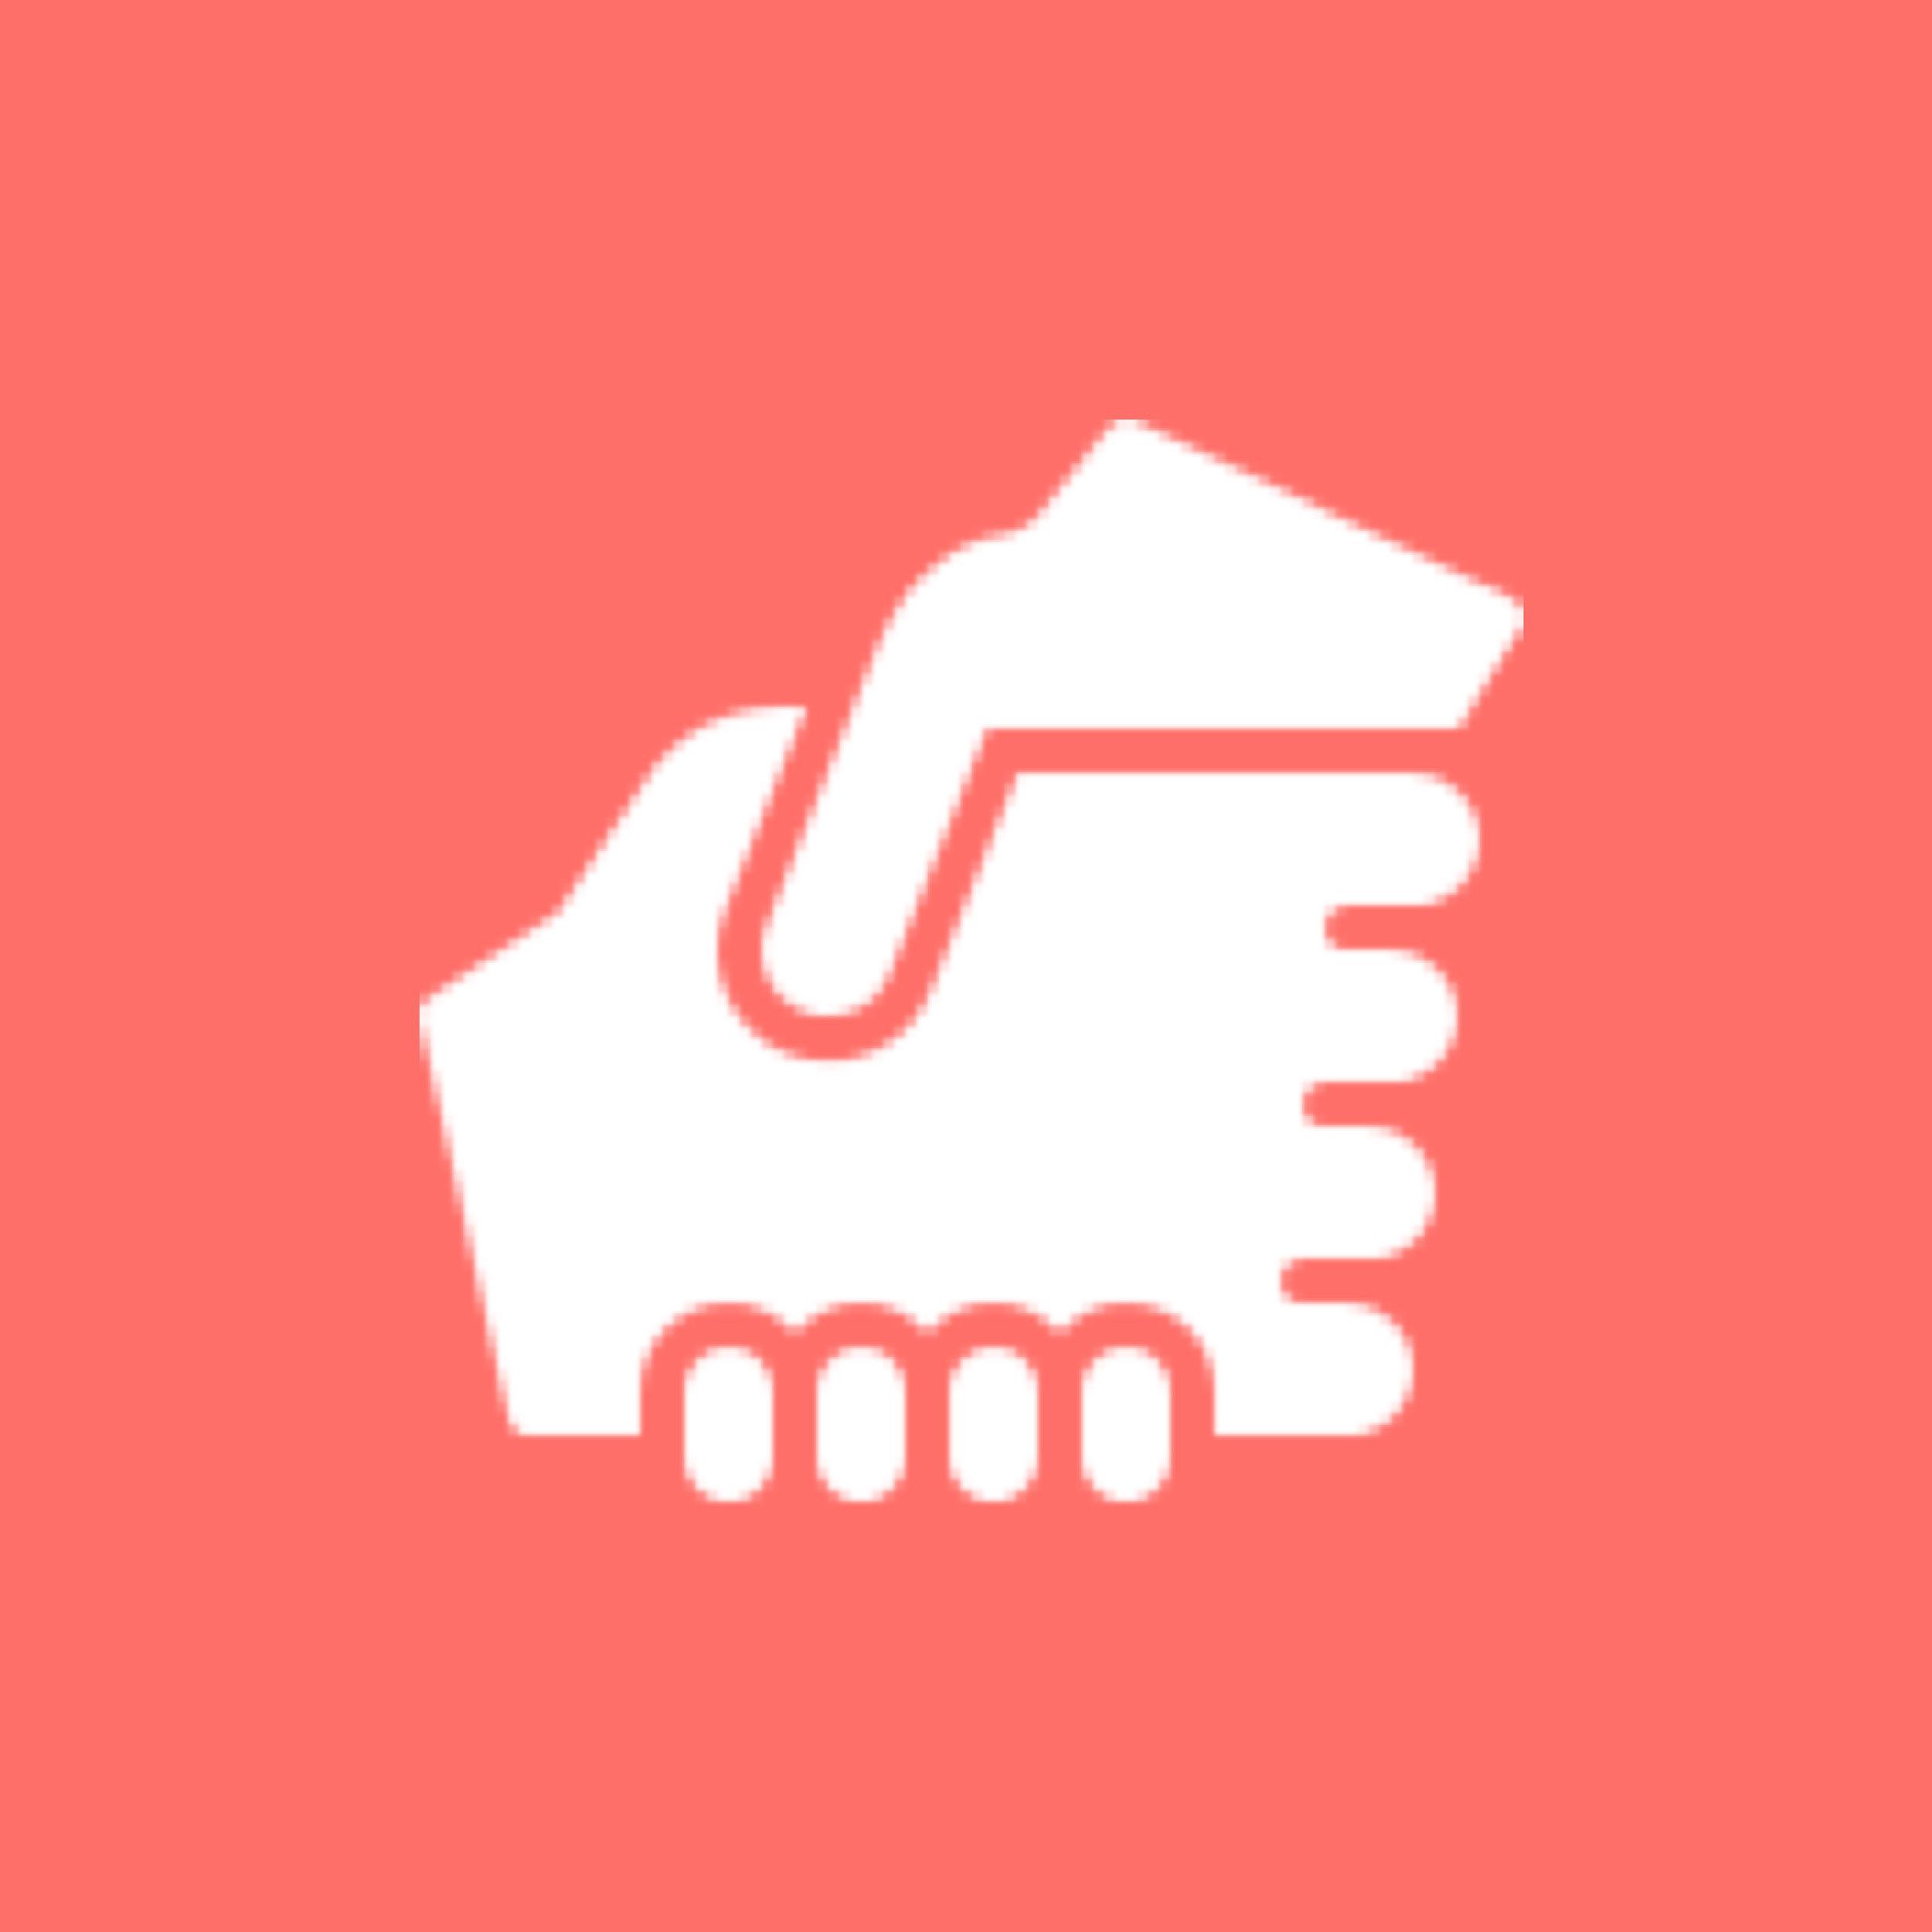 Freelancer für Agenturen - Sie haben mehr Aufträge, als Sie selber stemmen können. Und jetzt kommt noch dieses eine Projekt rein. Wir übernehmen gern. Schnell, flexibel, zuverlässig.